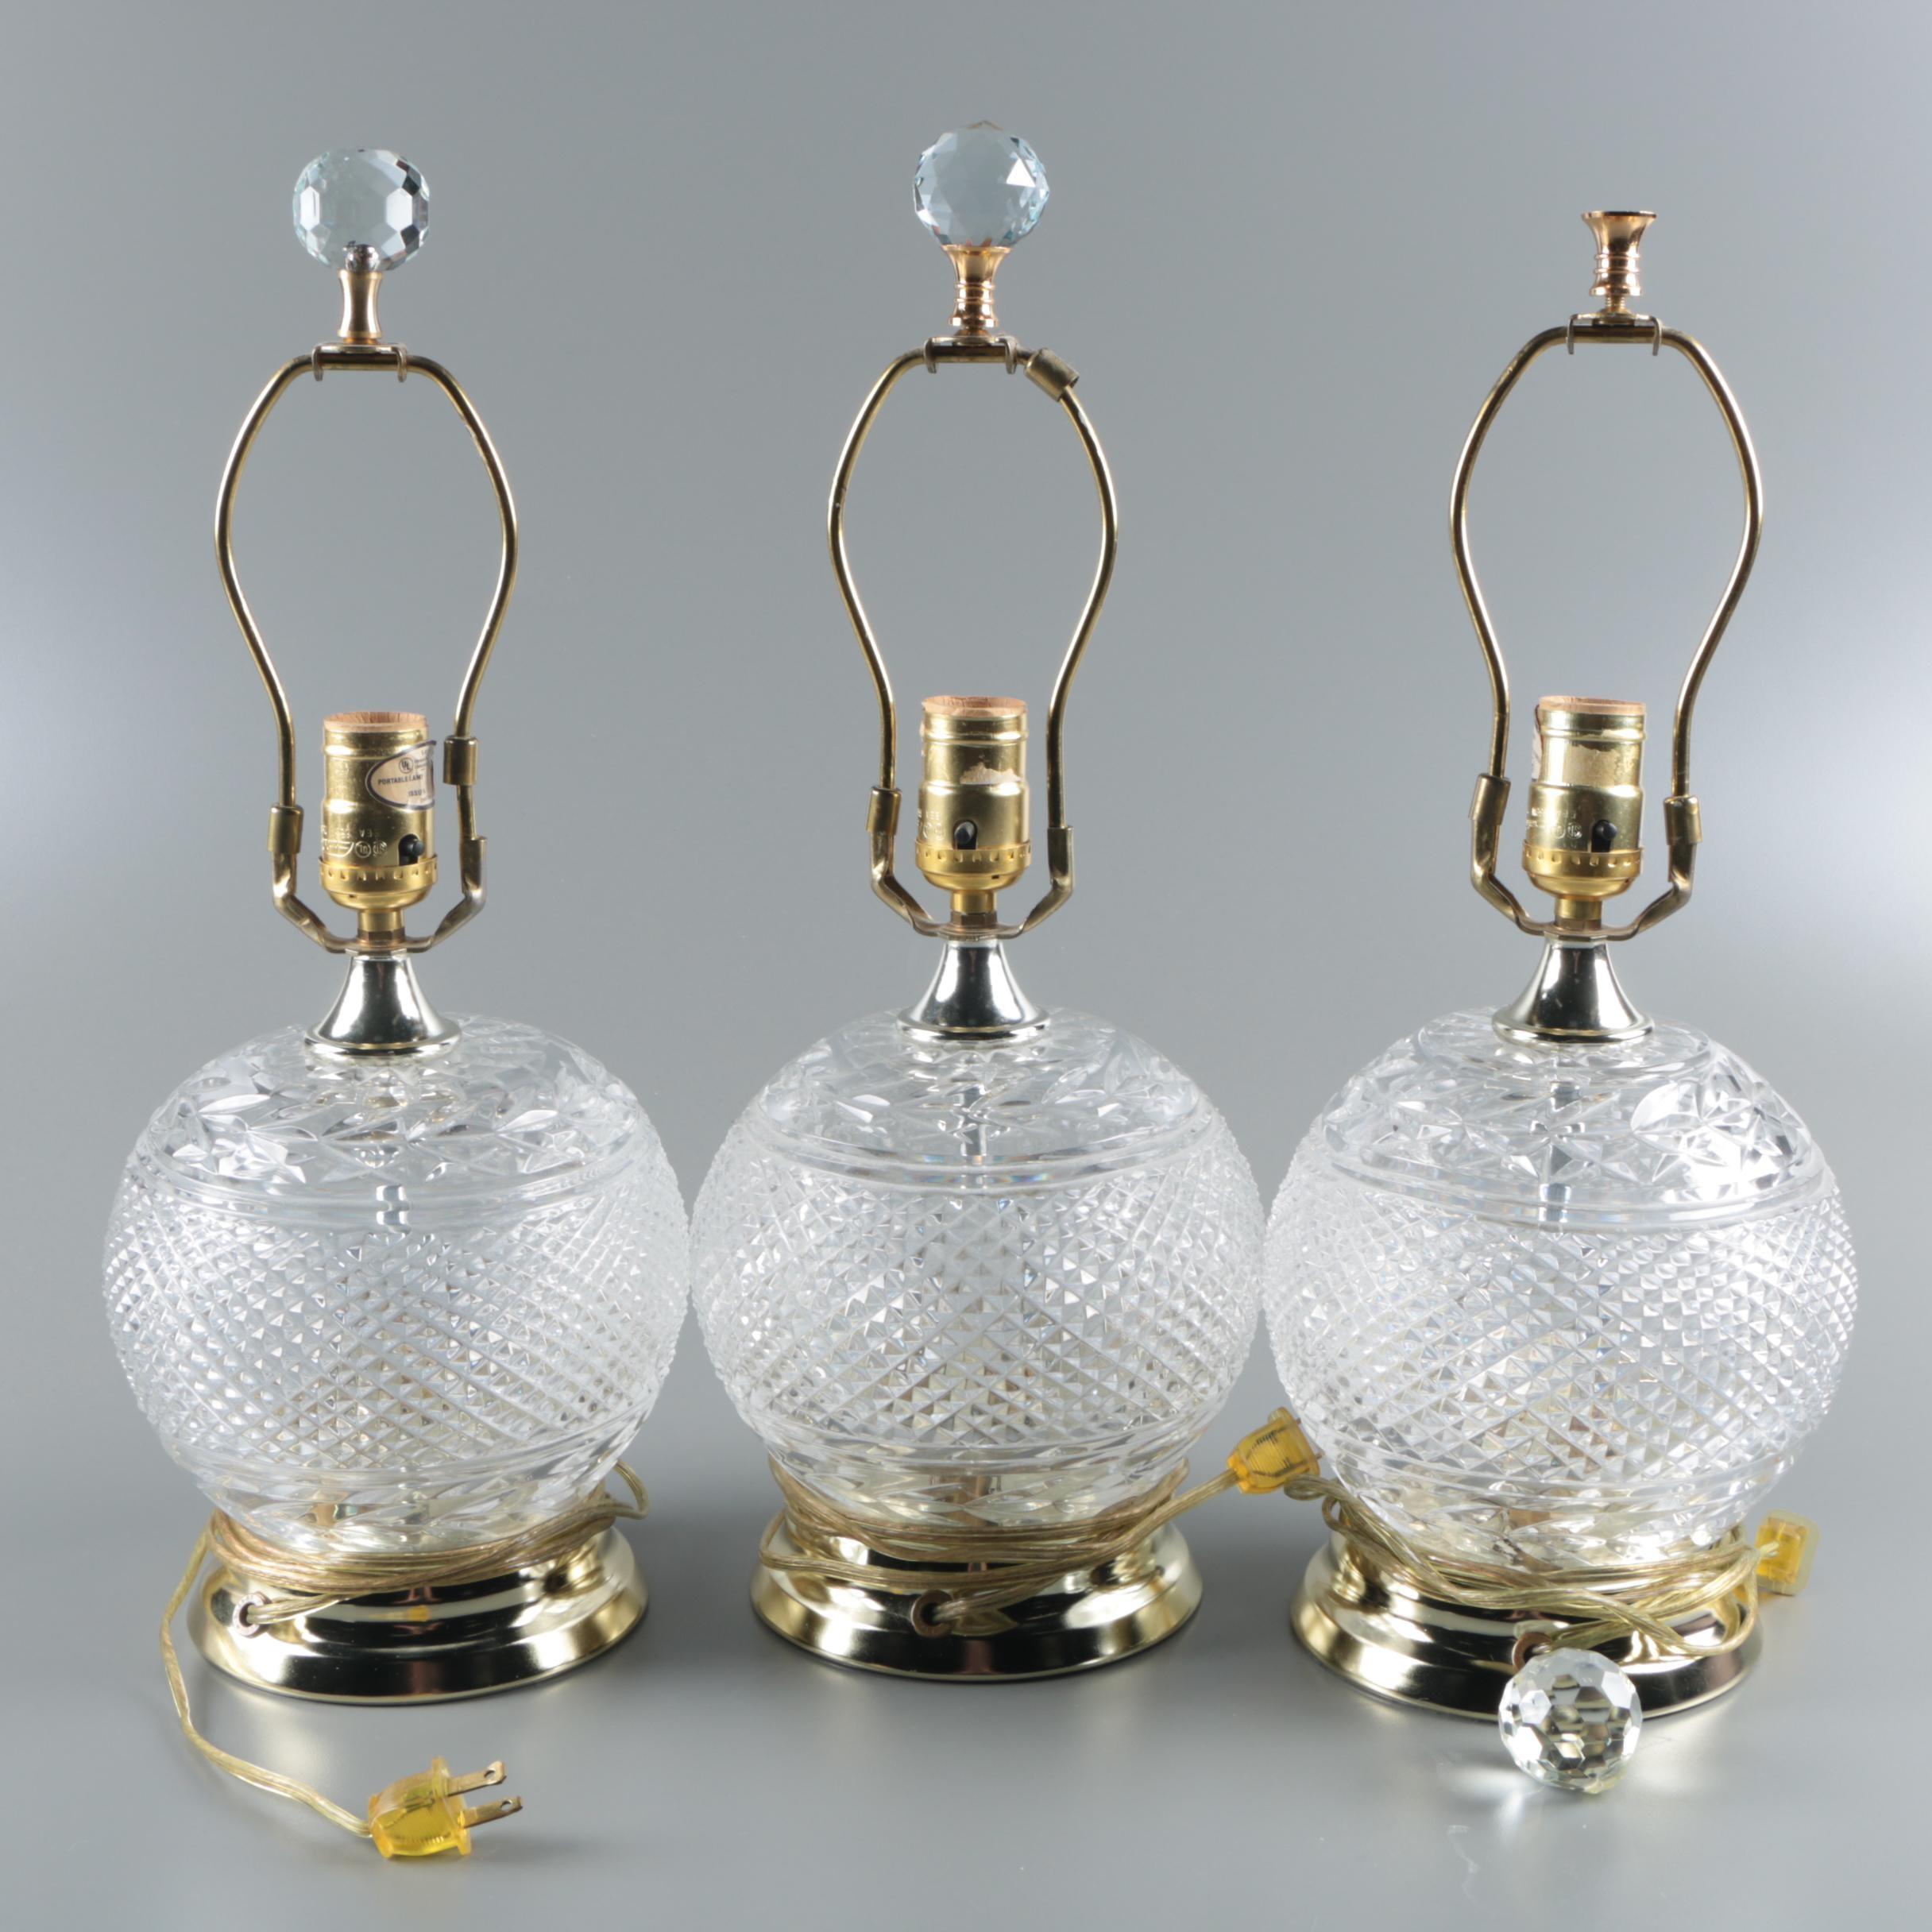 Crystal Clear Polish Lead Crystal Ball Table Lamps Ebth